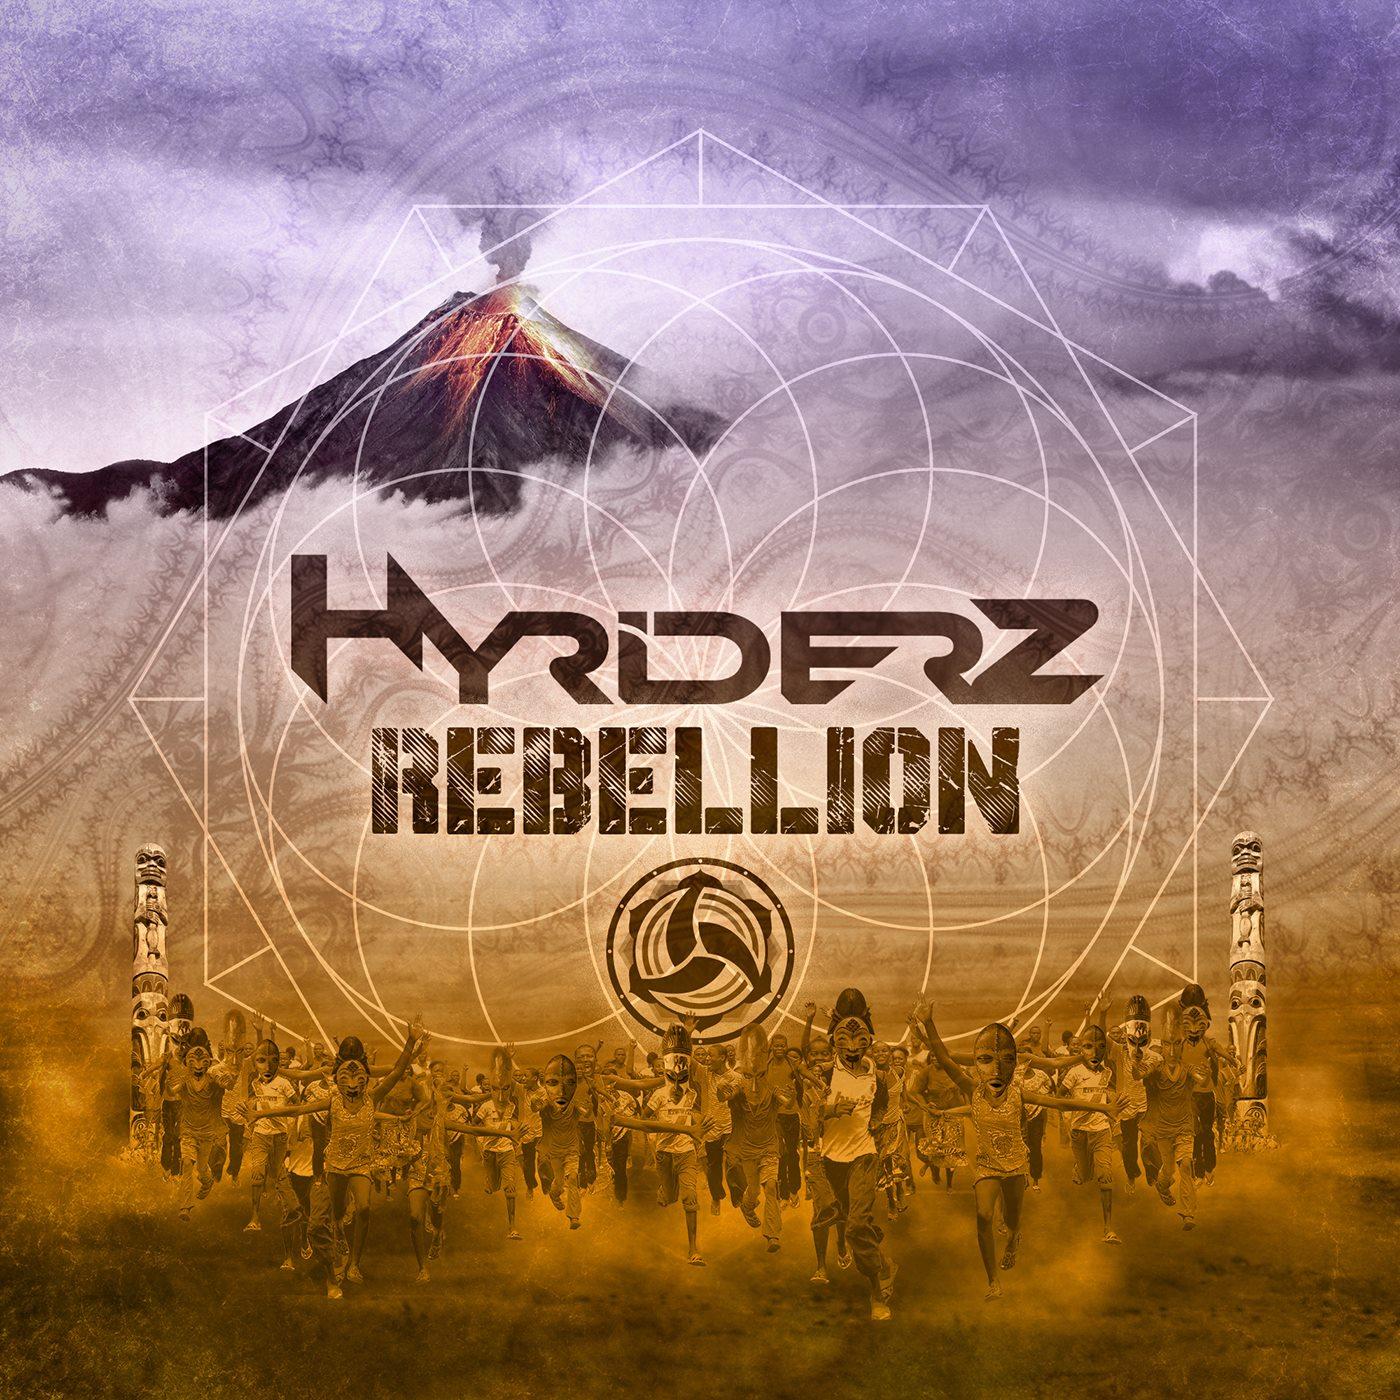 Hyriderz - Rebellion